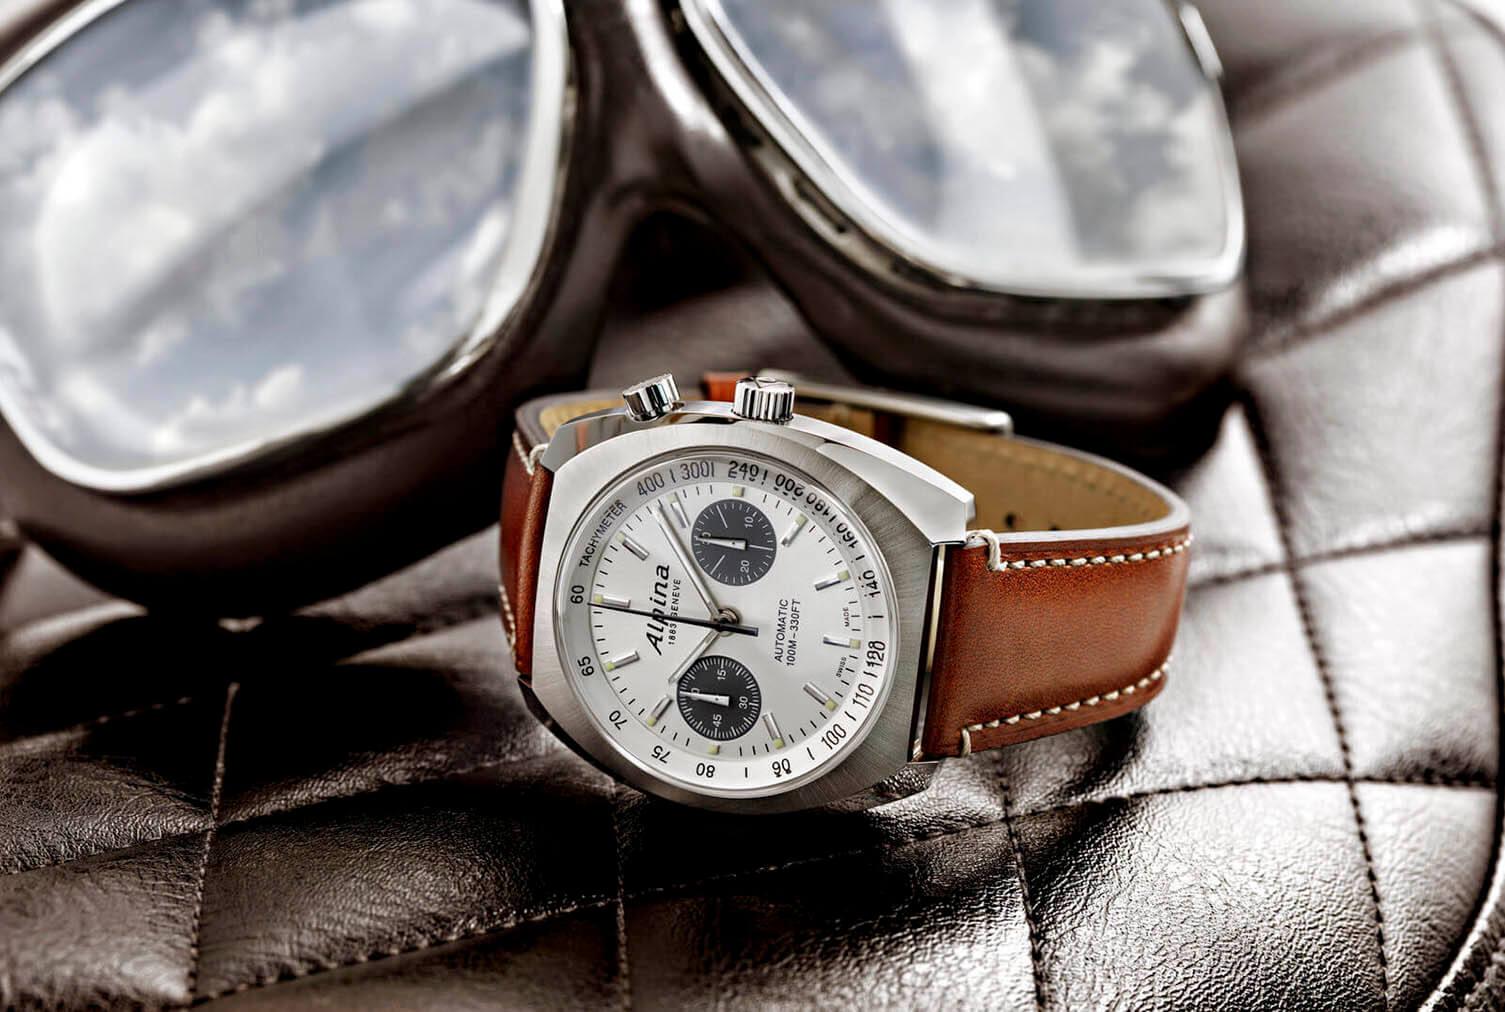 Alpina Startimer Pilot Heritage Chronograph portada